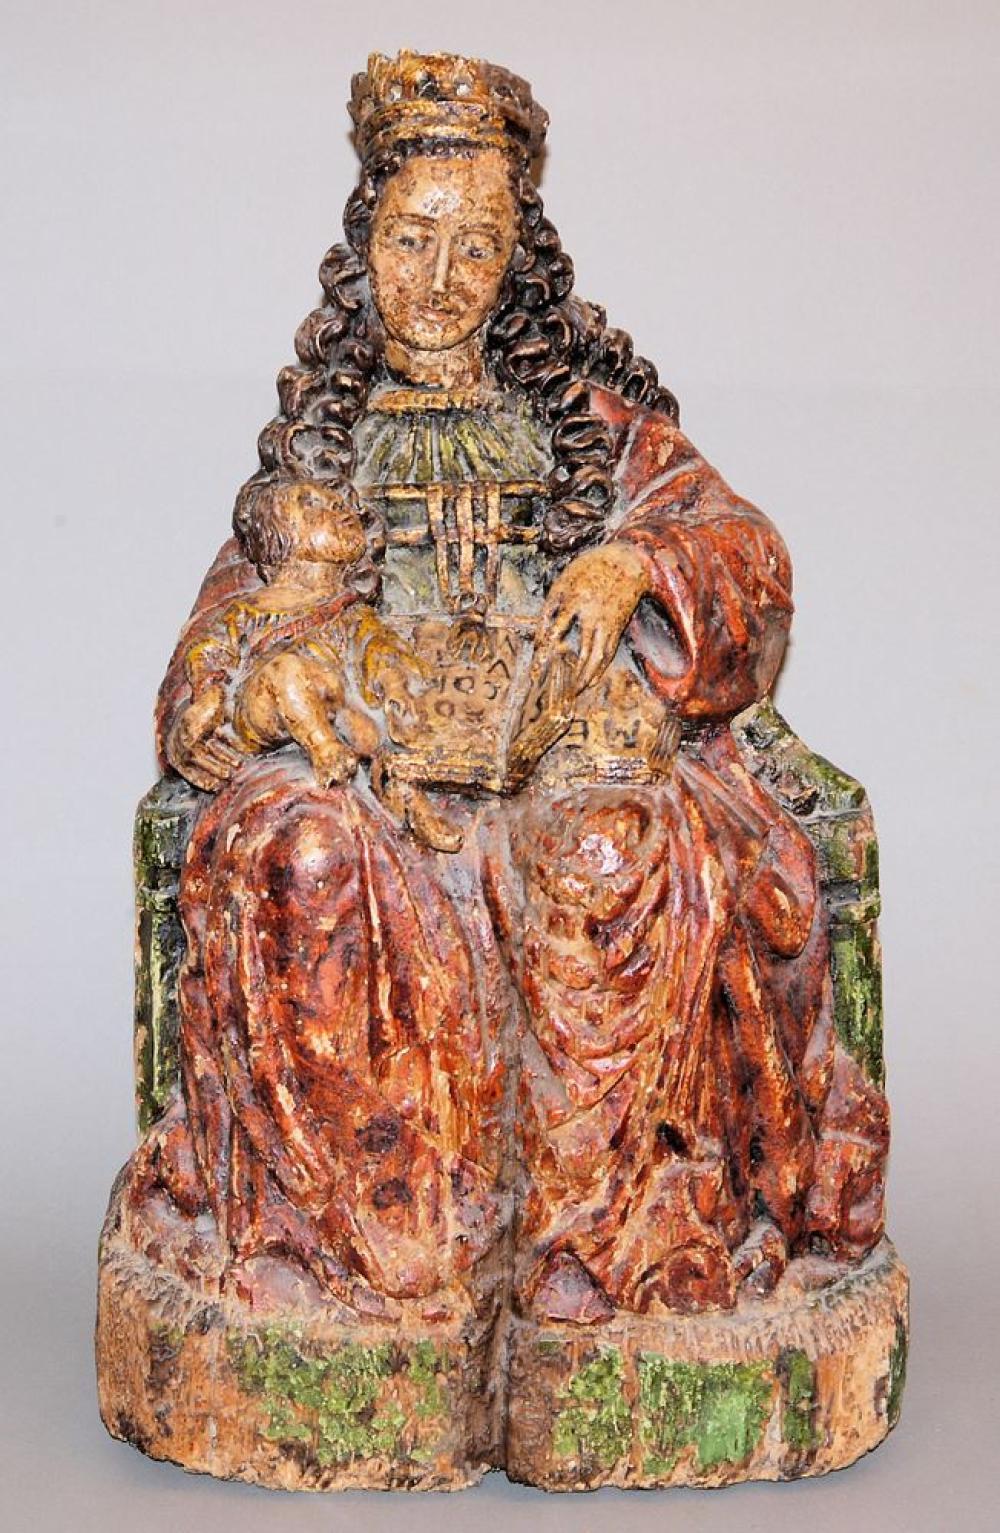 Holzgruppe thronende Madonna mit Kind und Bibel, wohl Österreich-Ungarn um 1800